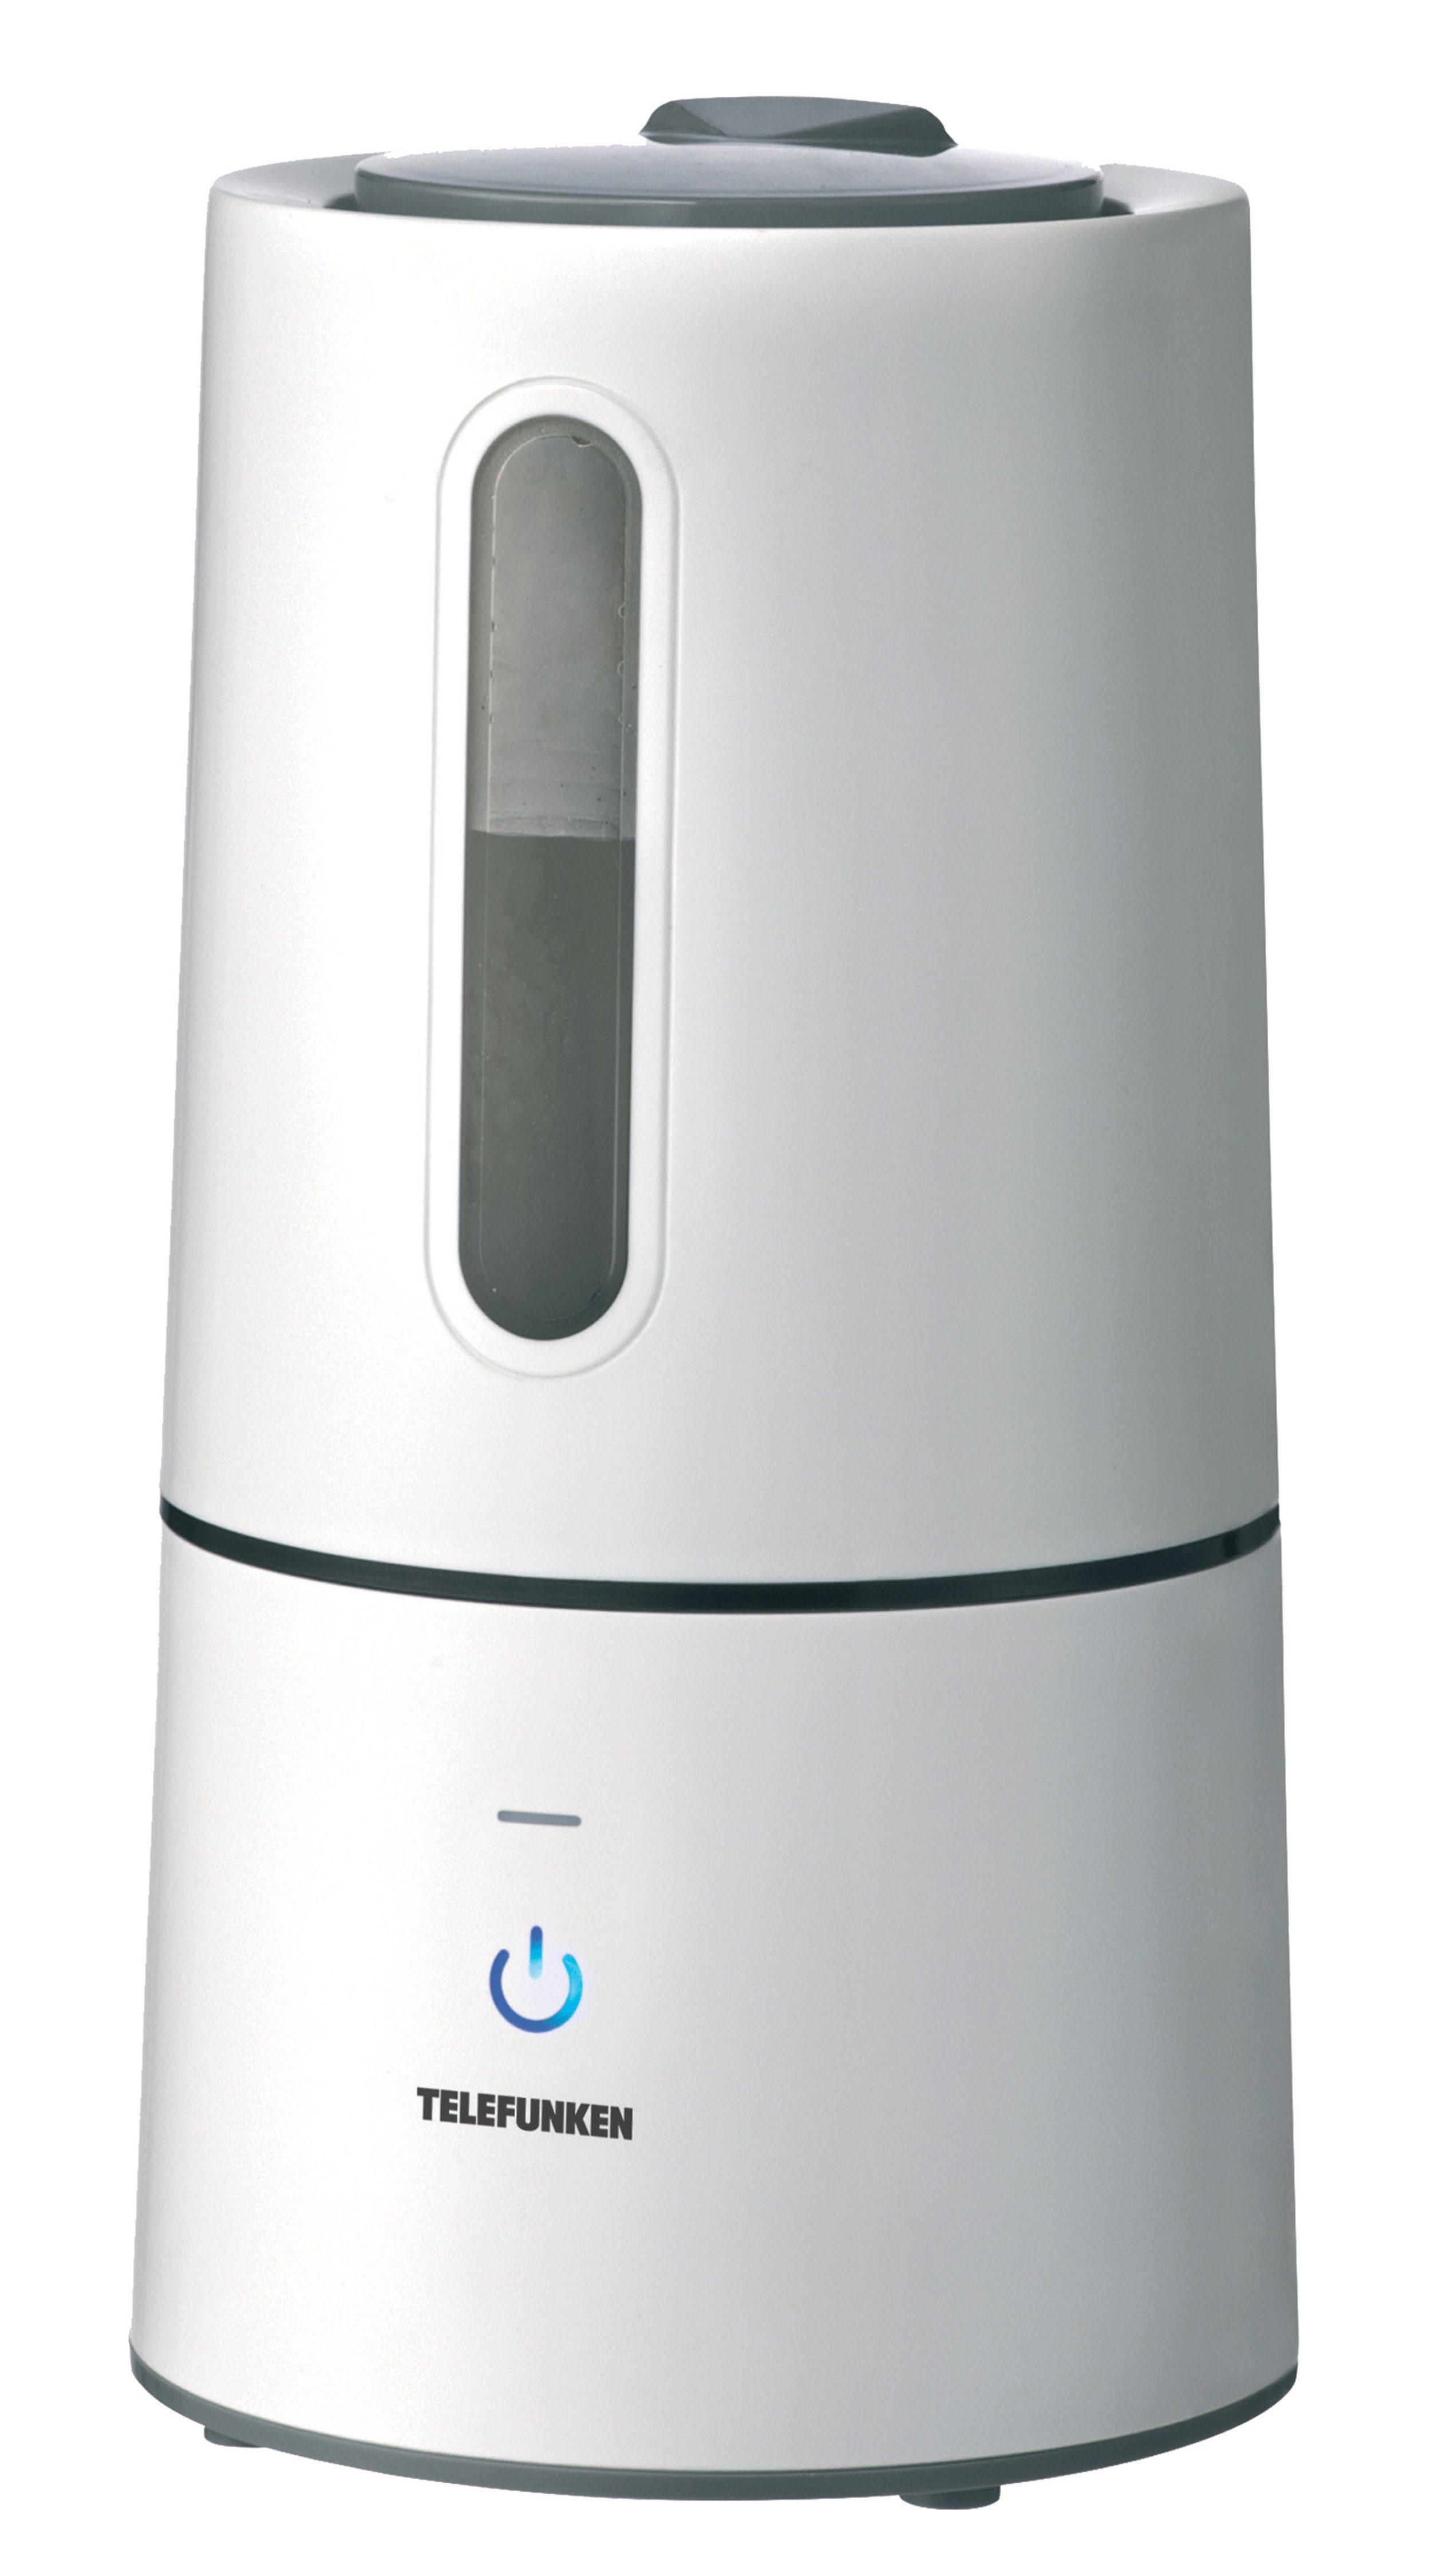 Telefunken Ultraschall Raum-Luftbefeuchter mit Aroma-Diffusor »Aroma Steam - T90209«